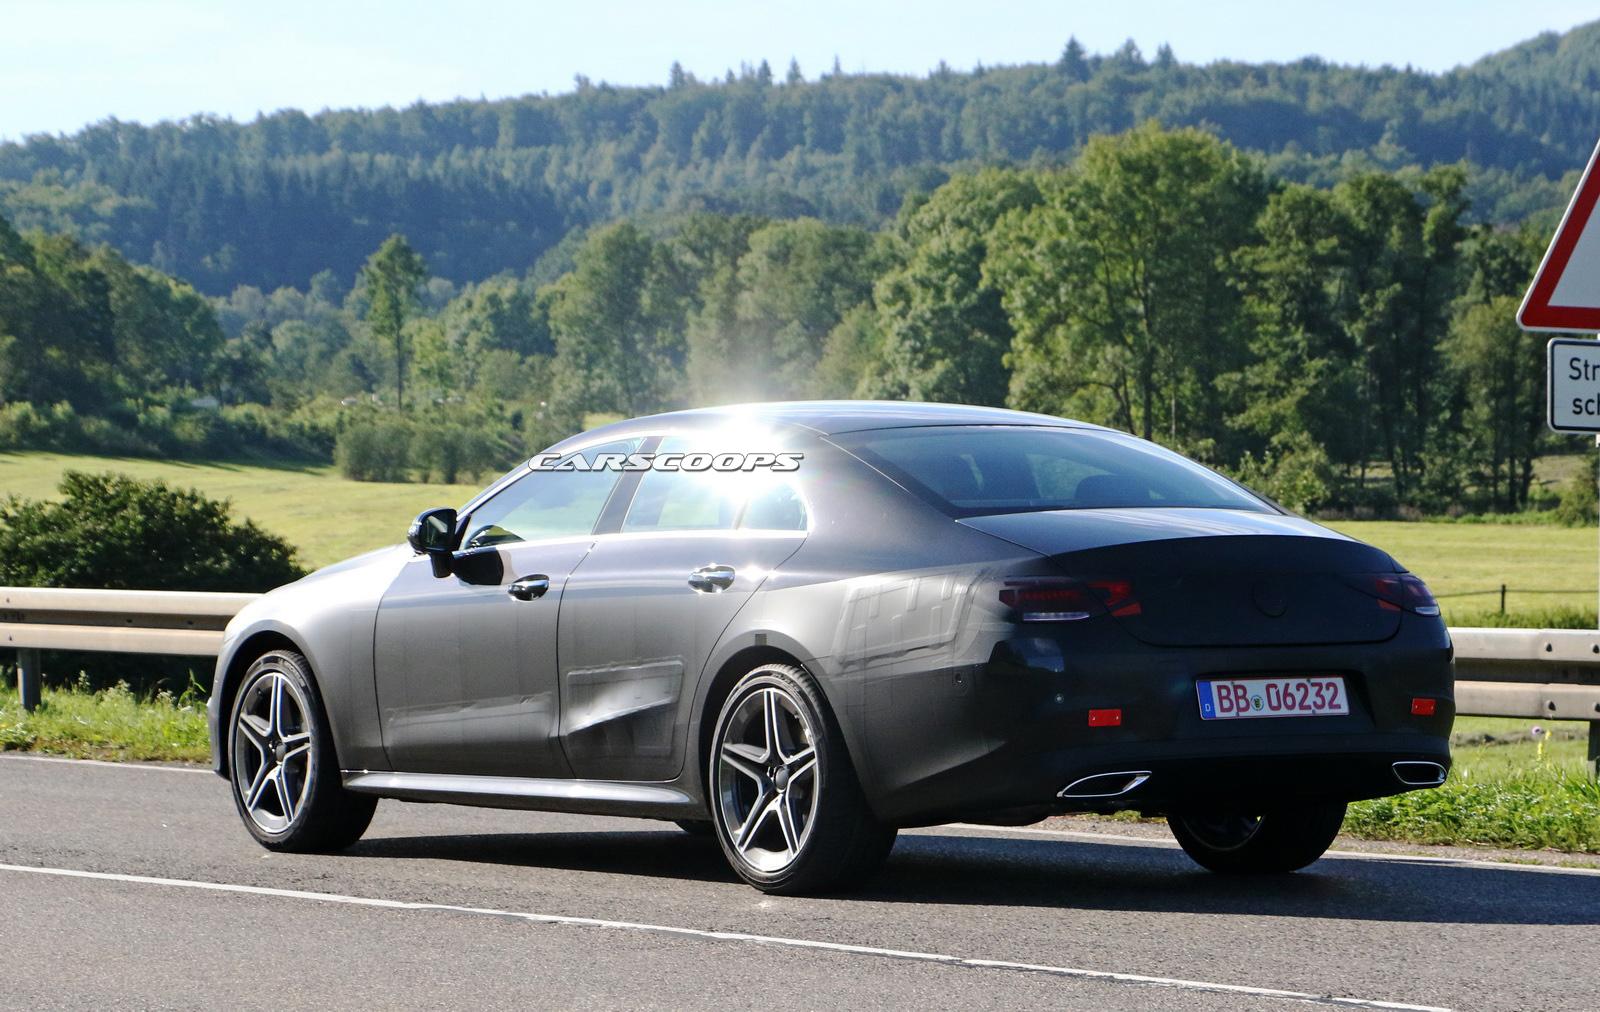 Mercedes-CLS-Light-Camo-12.jpg